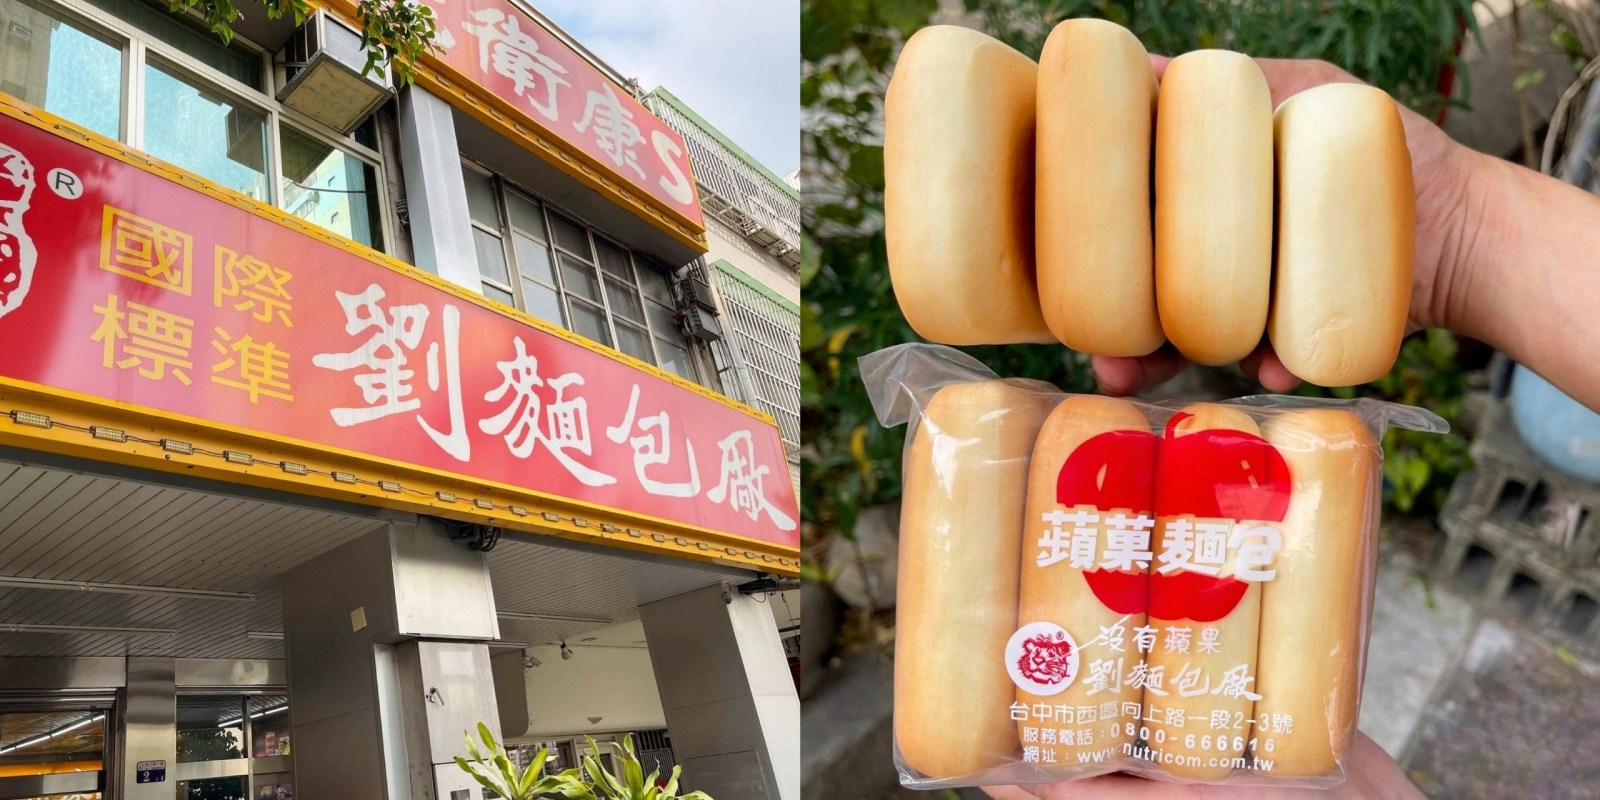 [台中美食] 劉麵包廠 - 蘋果麵包創始店研發巨無霸蘋果麵包